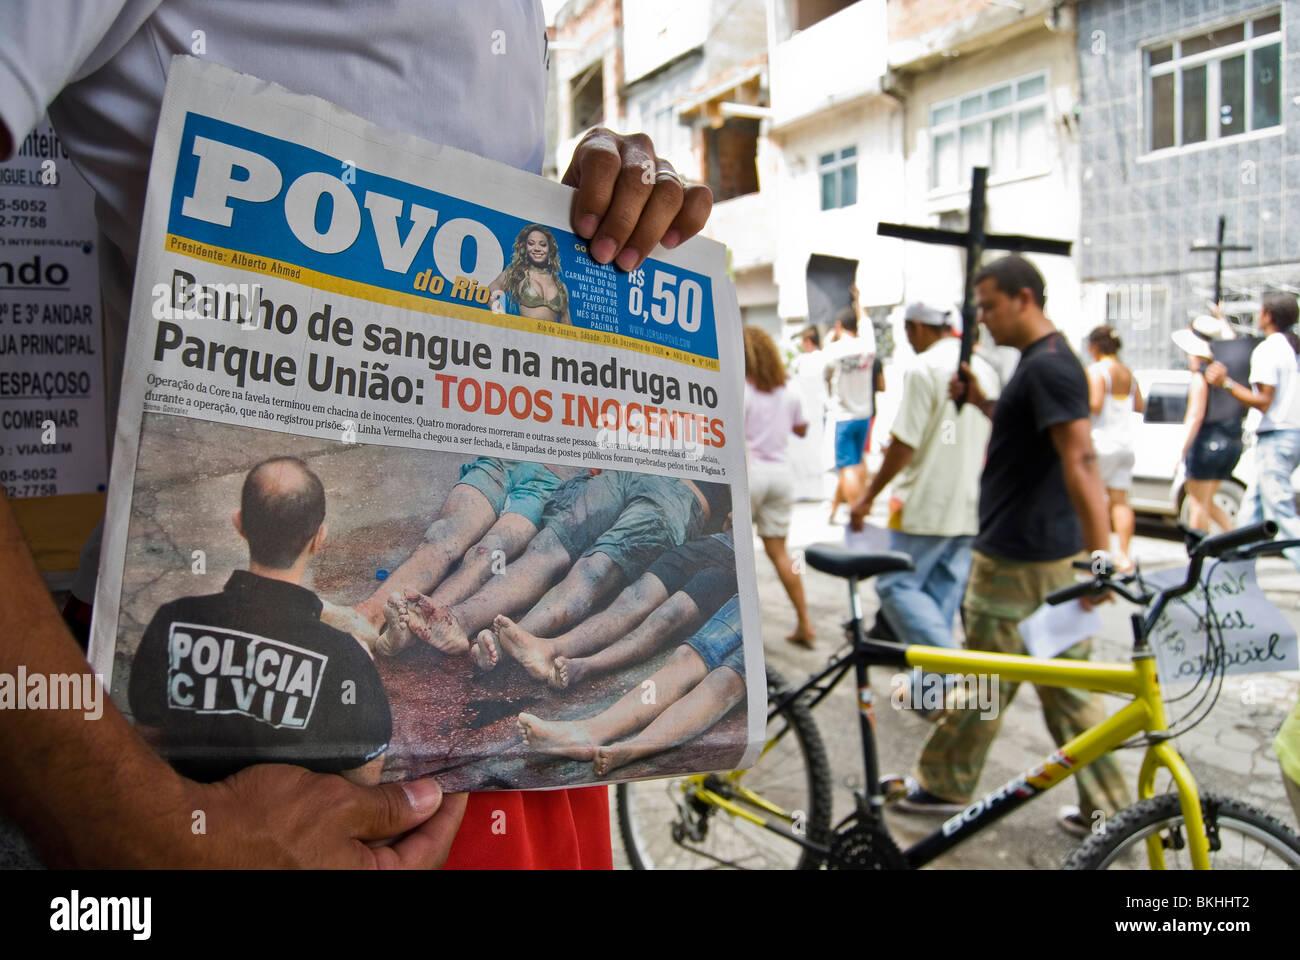 Demonstration against police violence, Favela da Maré, Rio de Janeiro, Brazil. - Stock Image